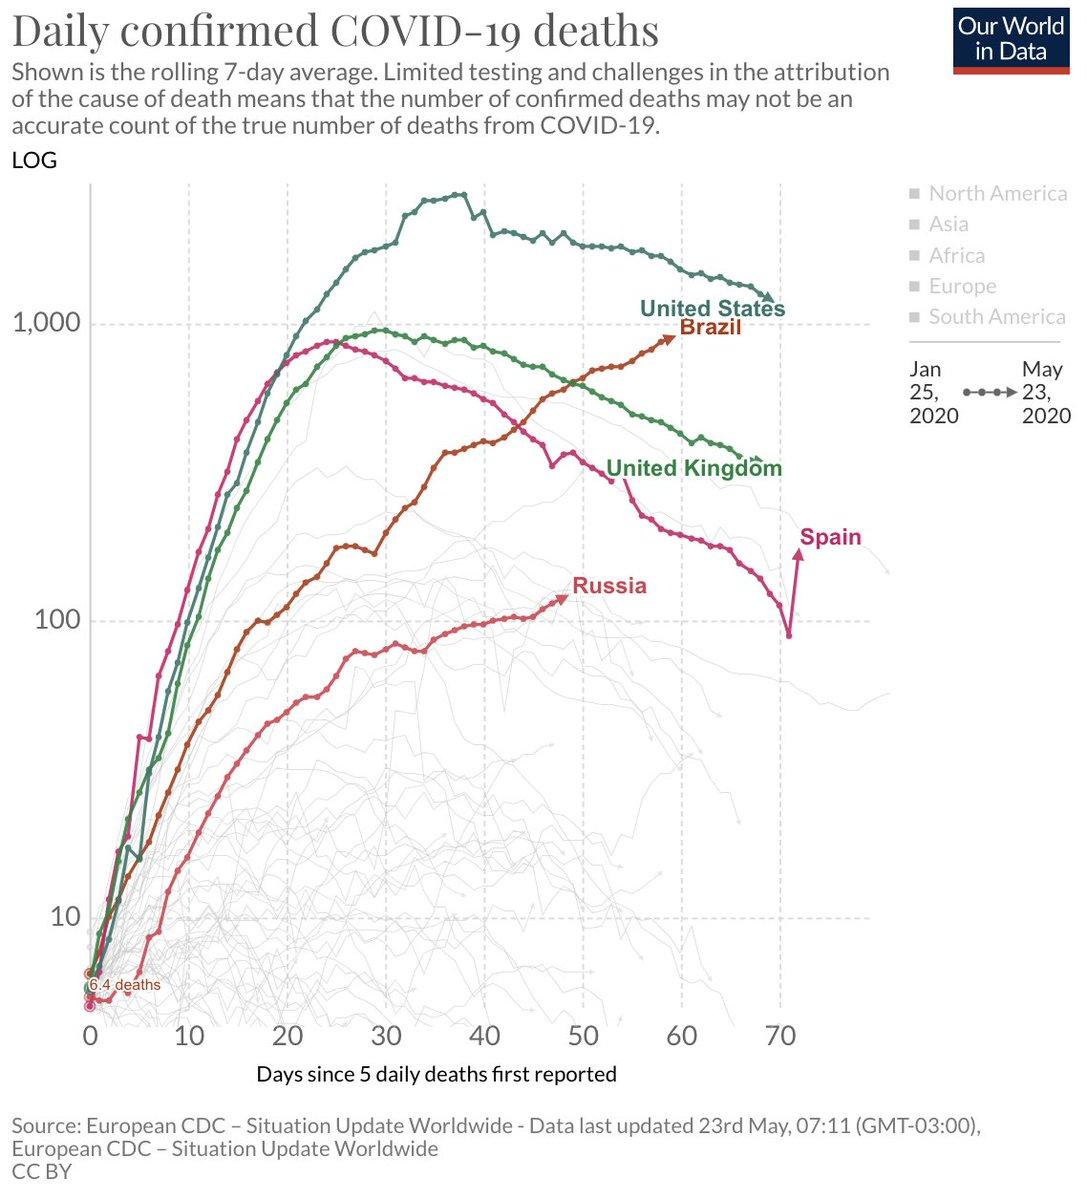 Somos o 2º país com mais casos no mundo. Nossa epidemia começou a crescer agora, mal vimos as mortes que vem pela frente. Plotei tanto o número de casos ou mortes absolutos quanto relativos por milhão de pessoas, o cenário é pavoroso de qualquer forma.